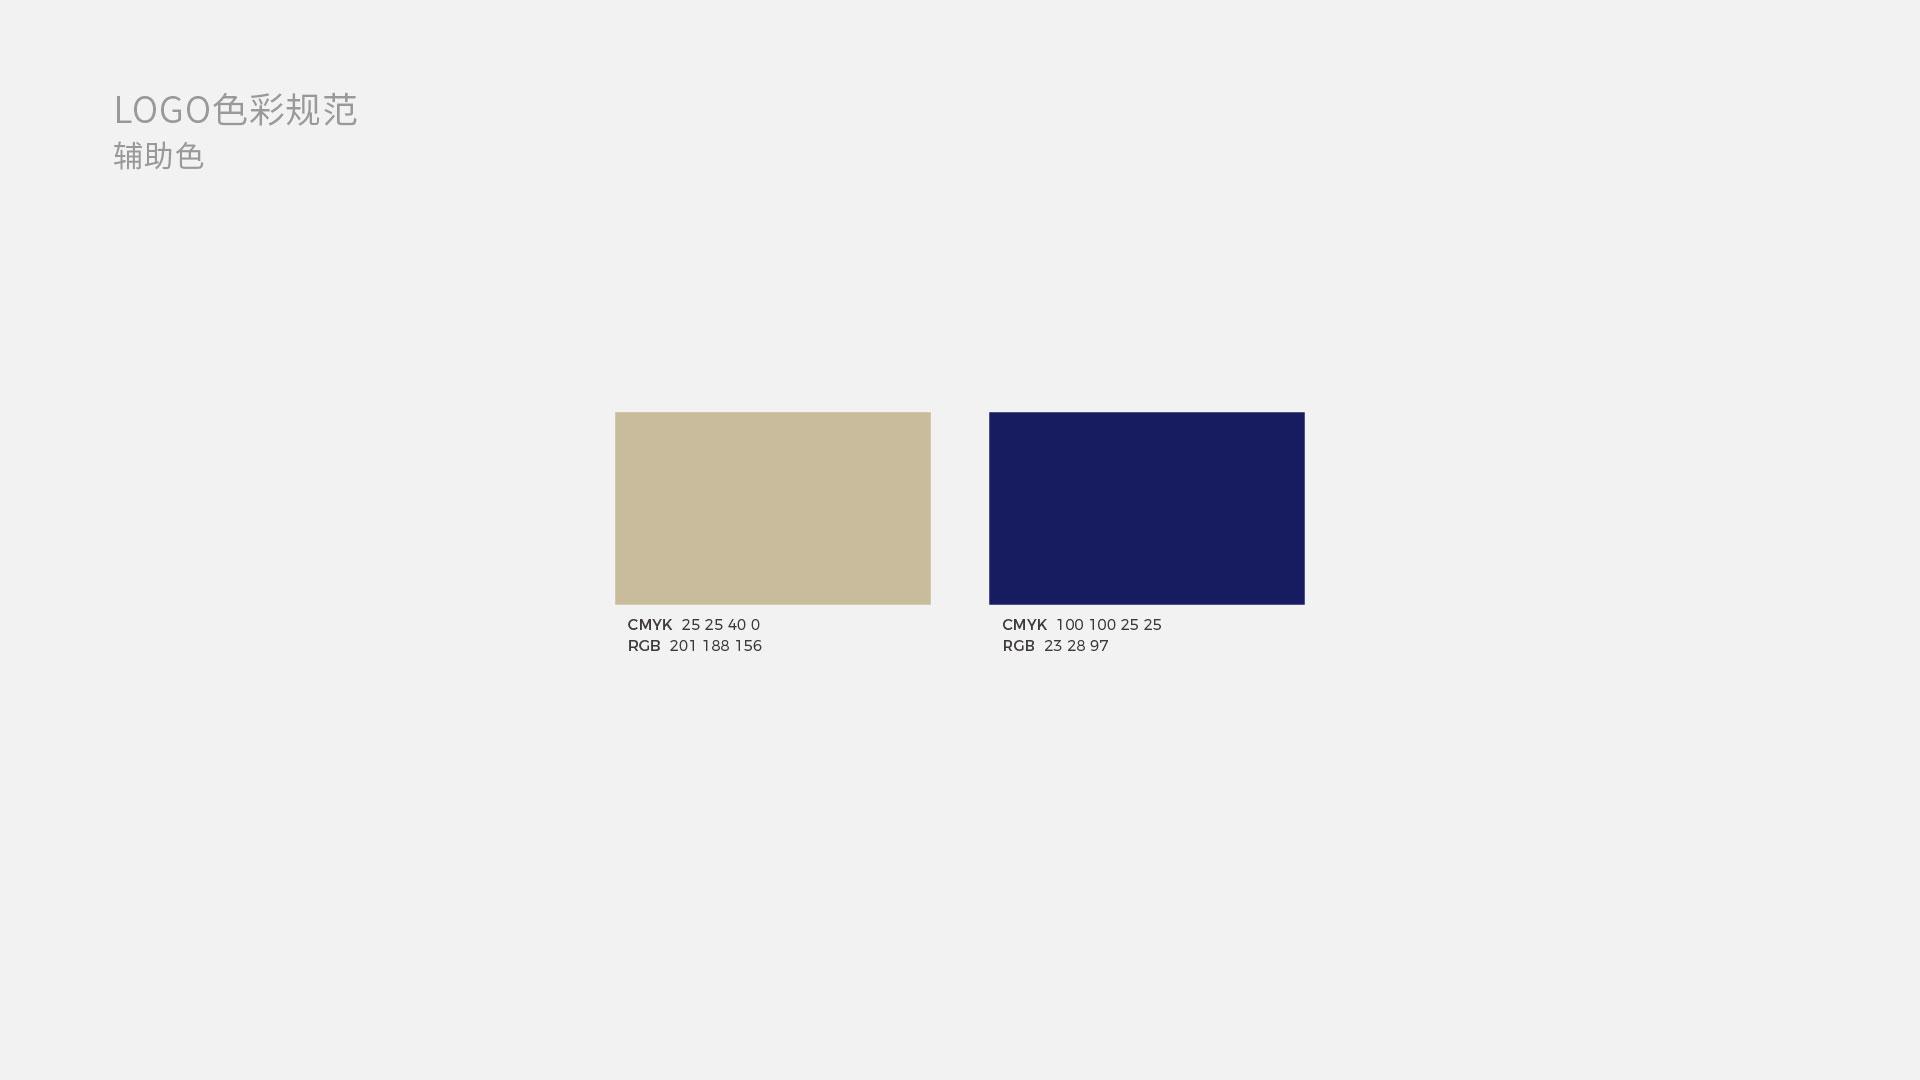 奇点控股logo设计辅助色色彩规范